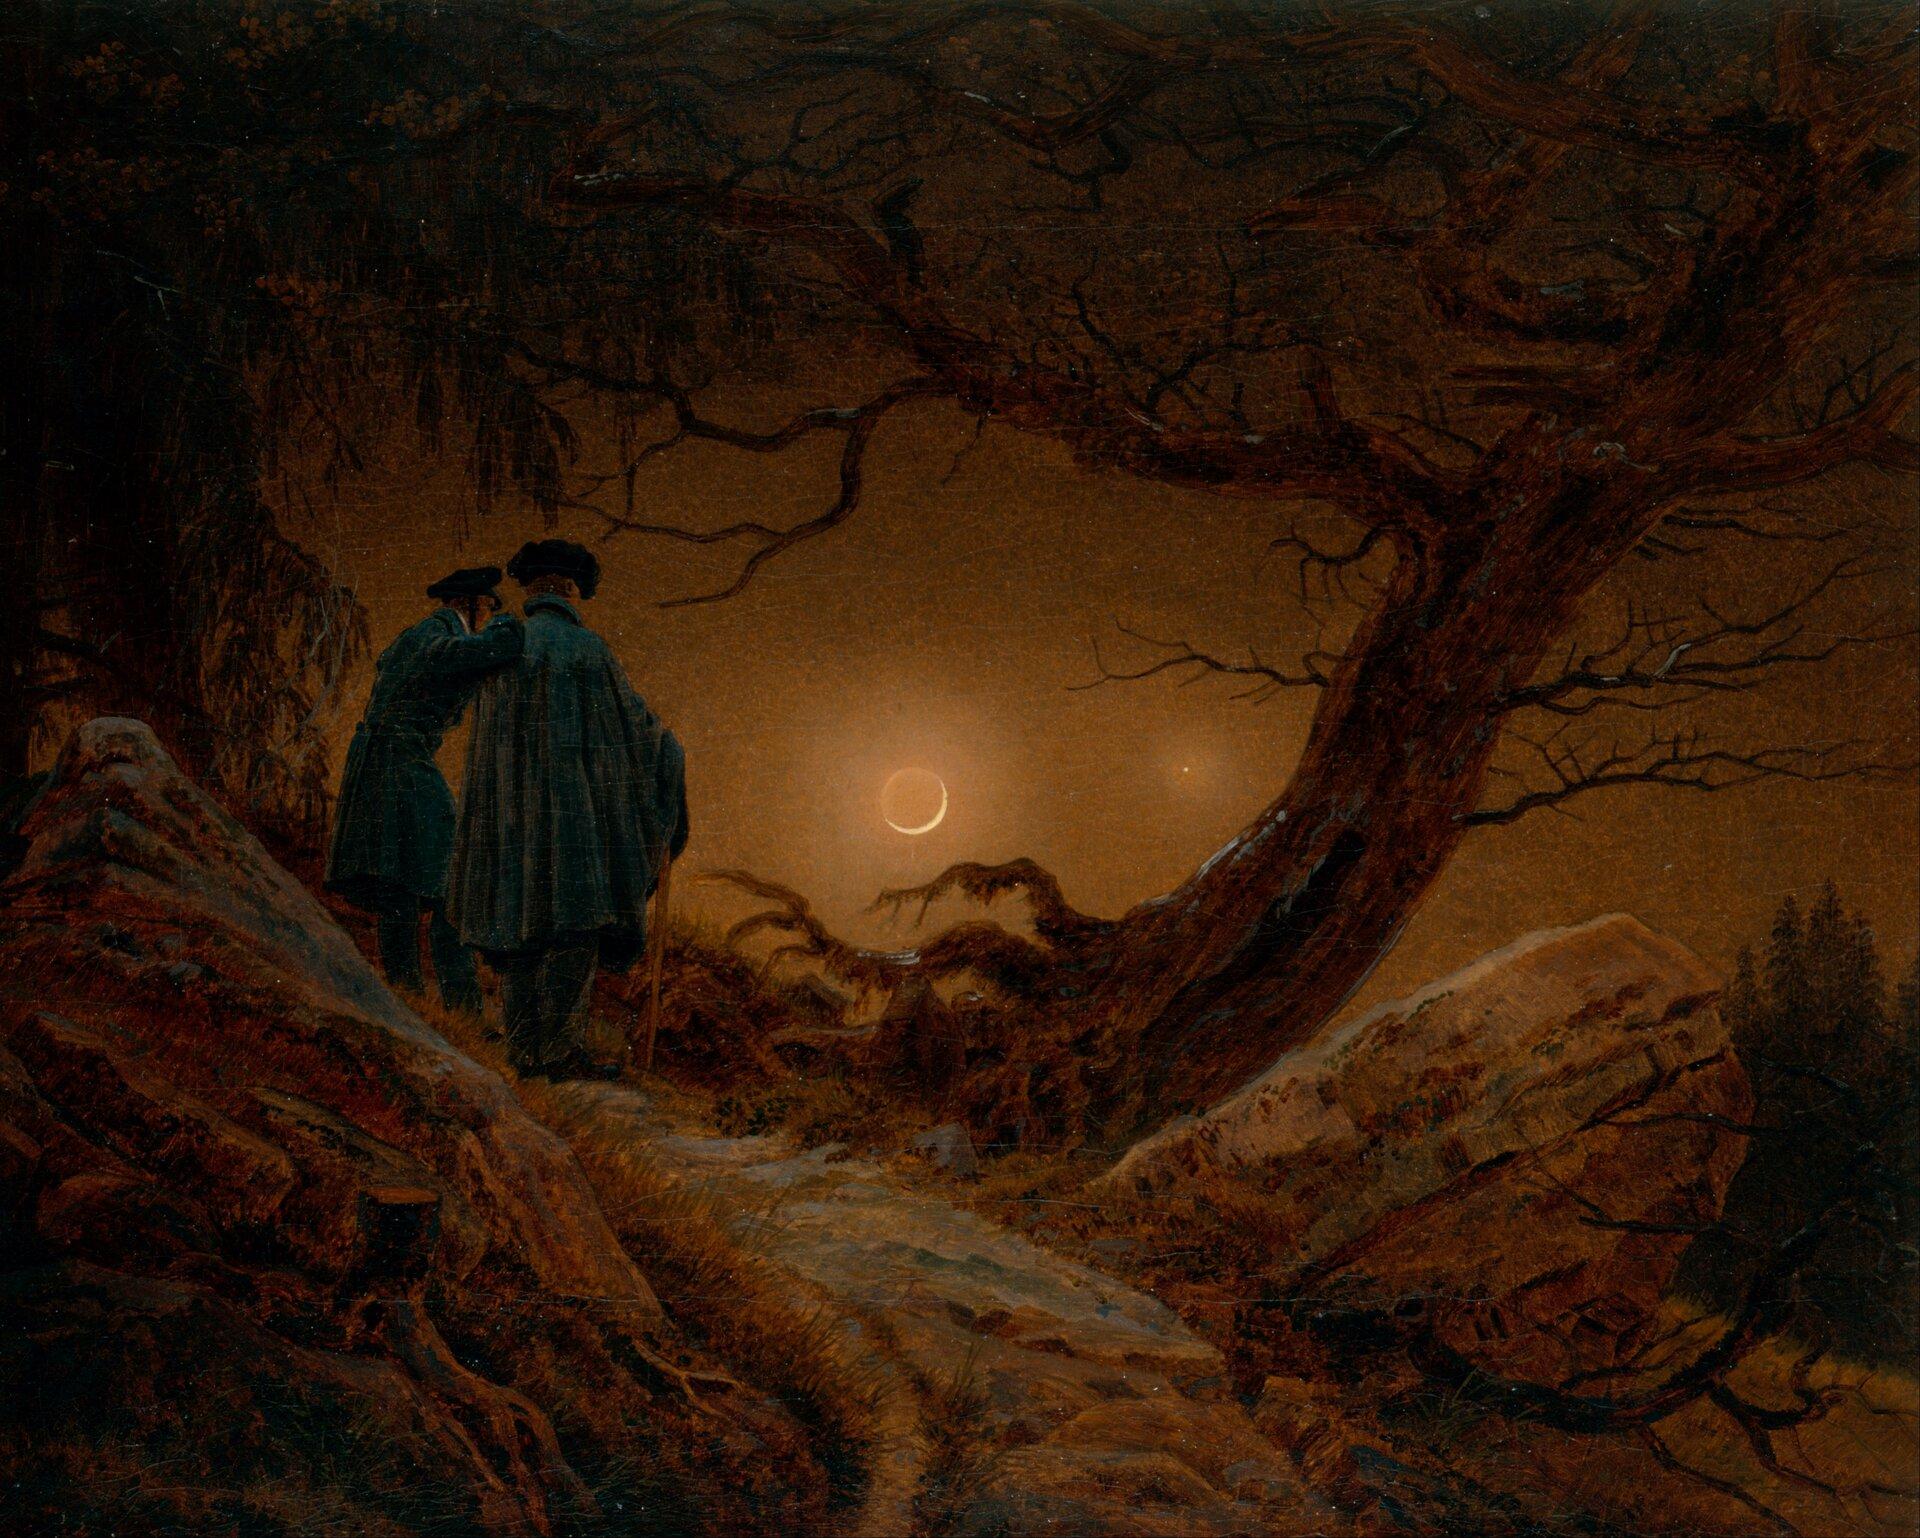 Zachód słońca Źródło: Caspar David Friedrich, Zachód słońca, 1830–1835, New Masters Gallery, Dresden, domena publiczna.